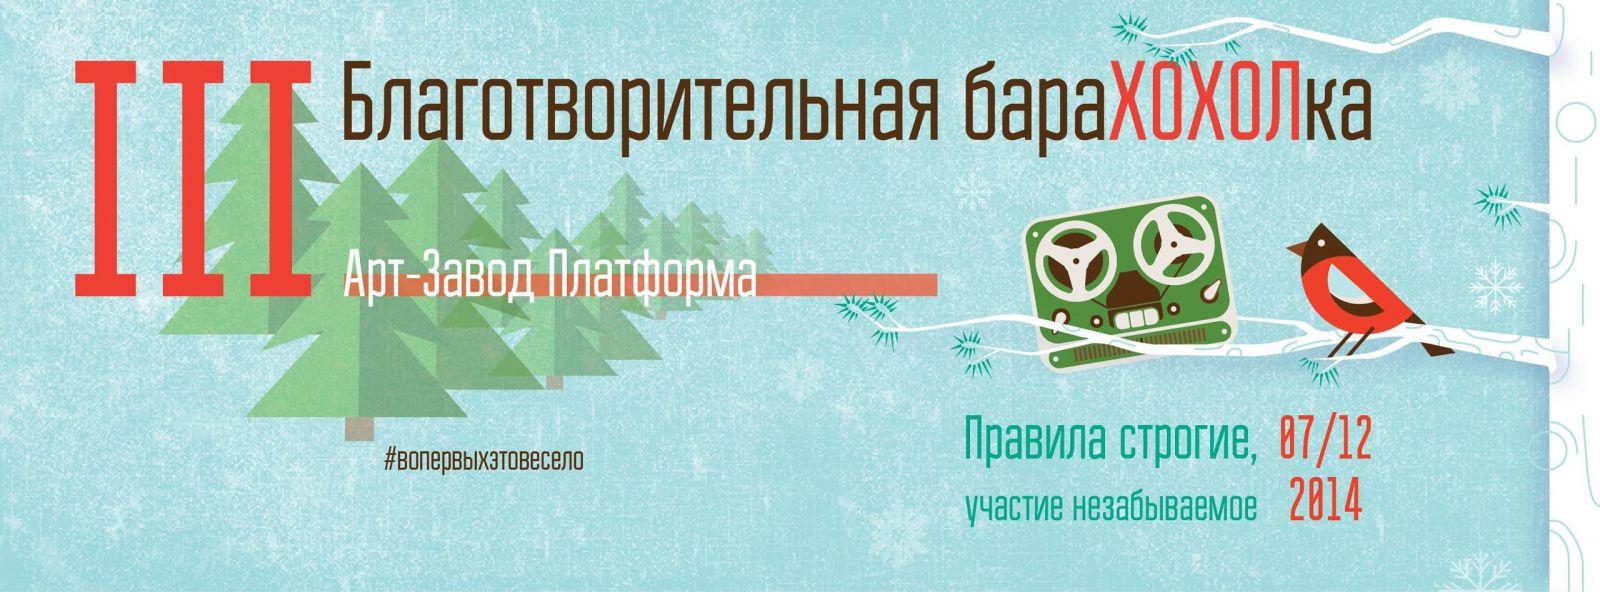 барахолка в Киеве The New Old Barakholka